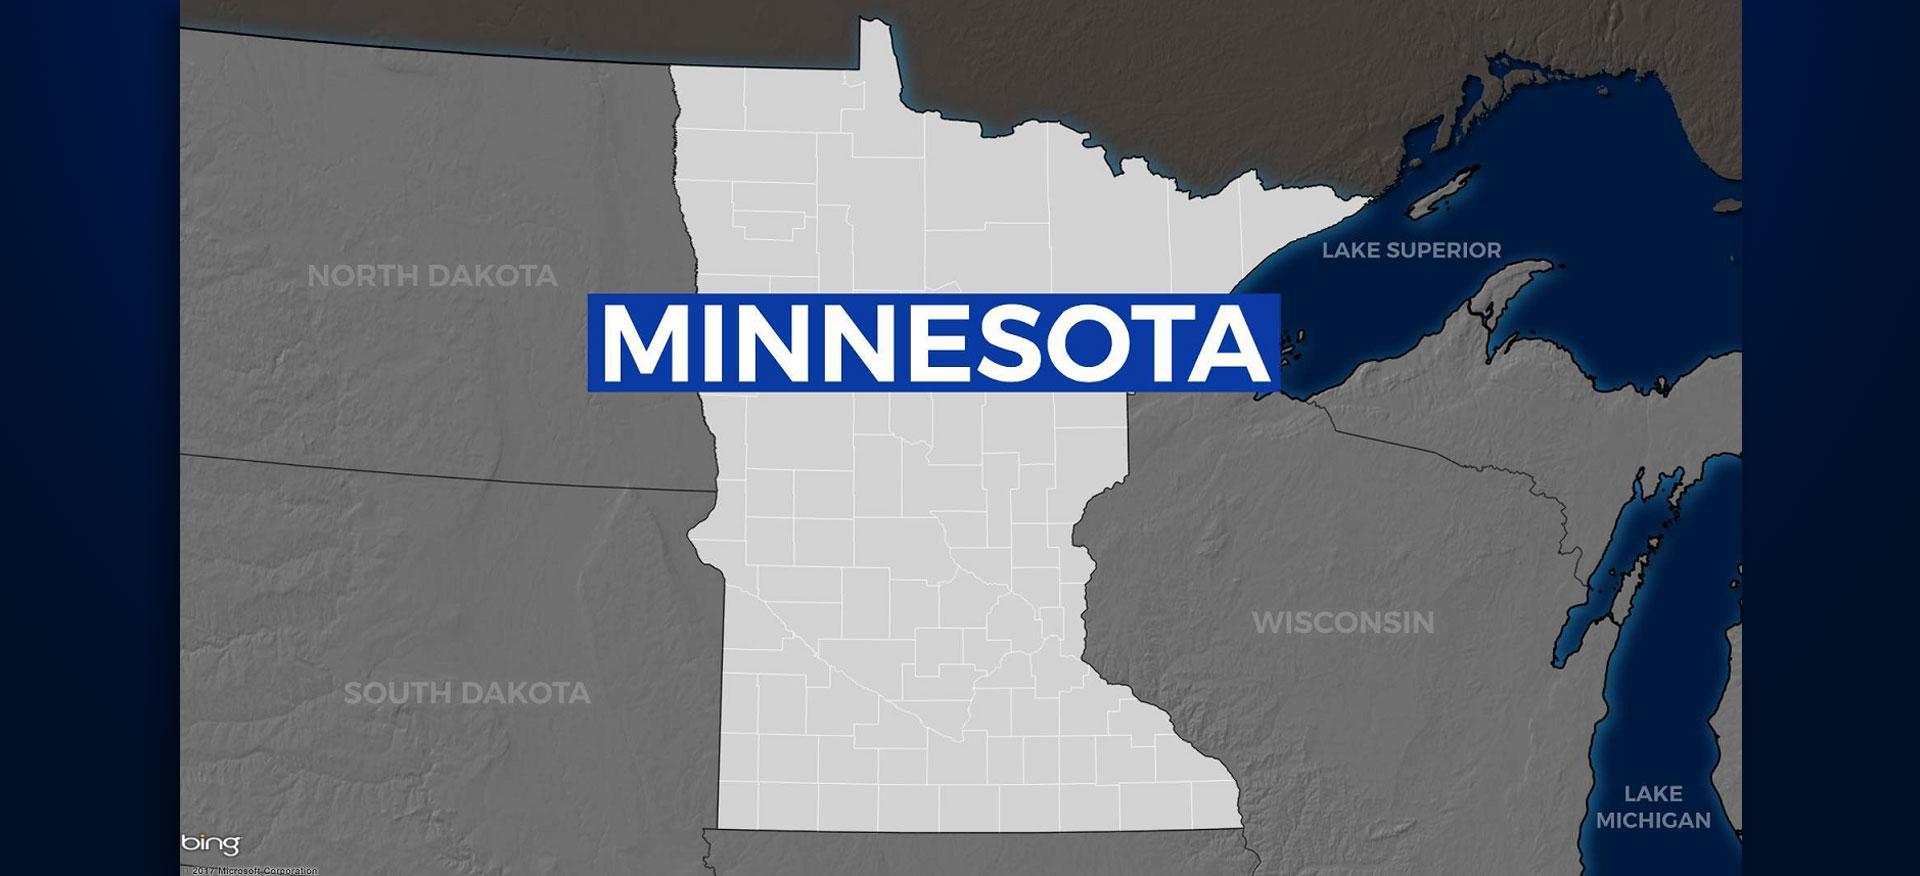 Pipeline spill in Lyon County, Minnesota